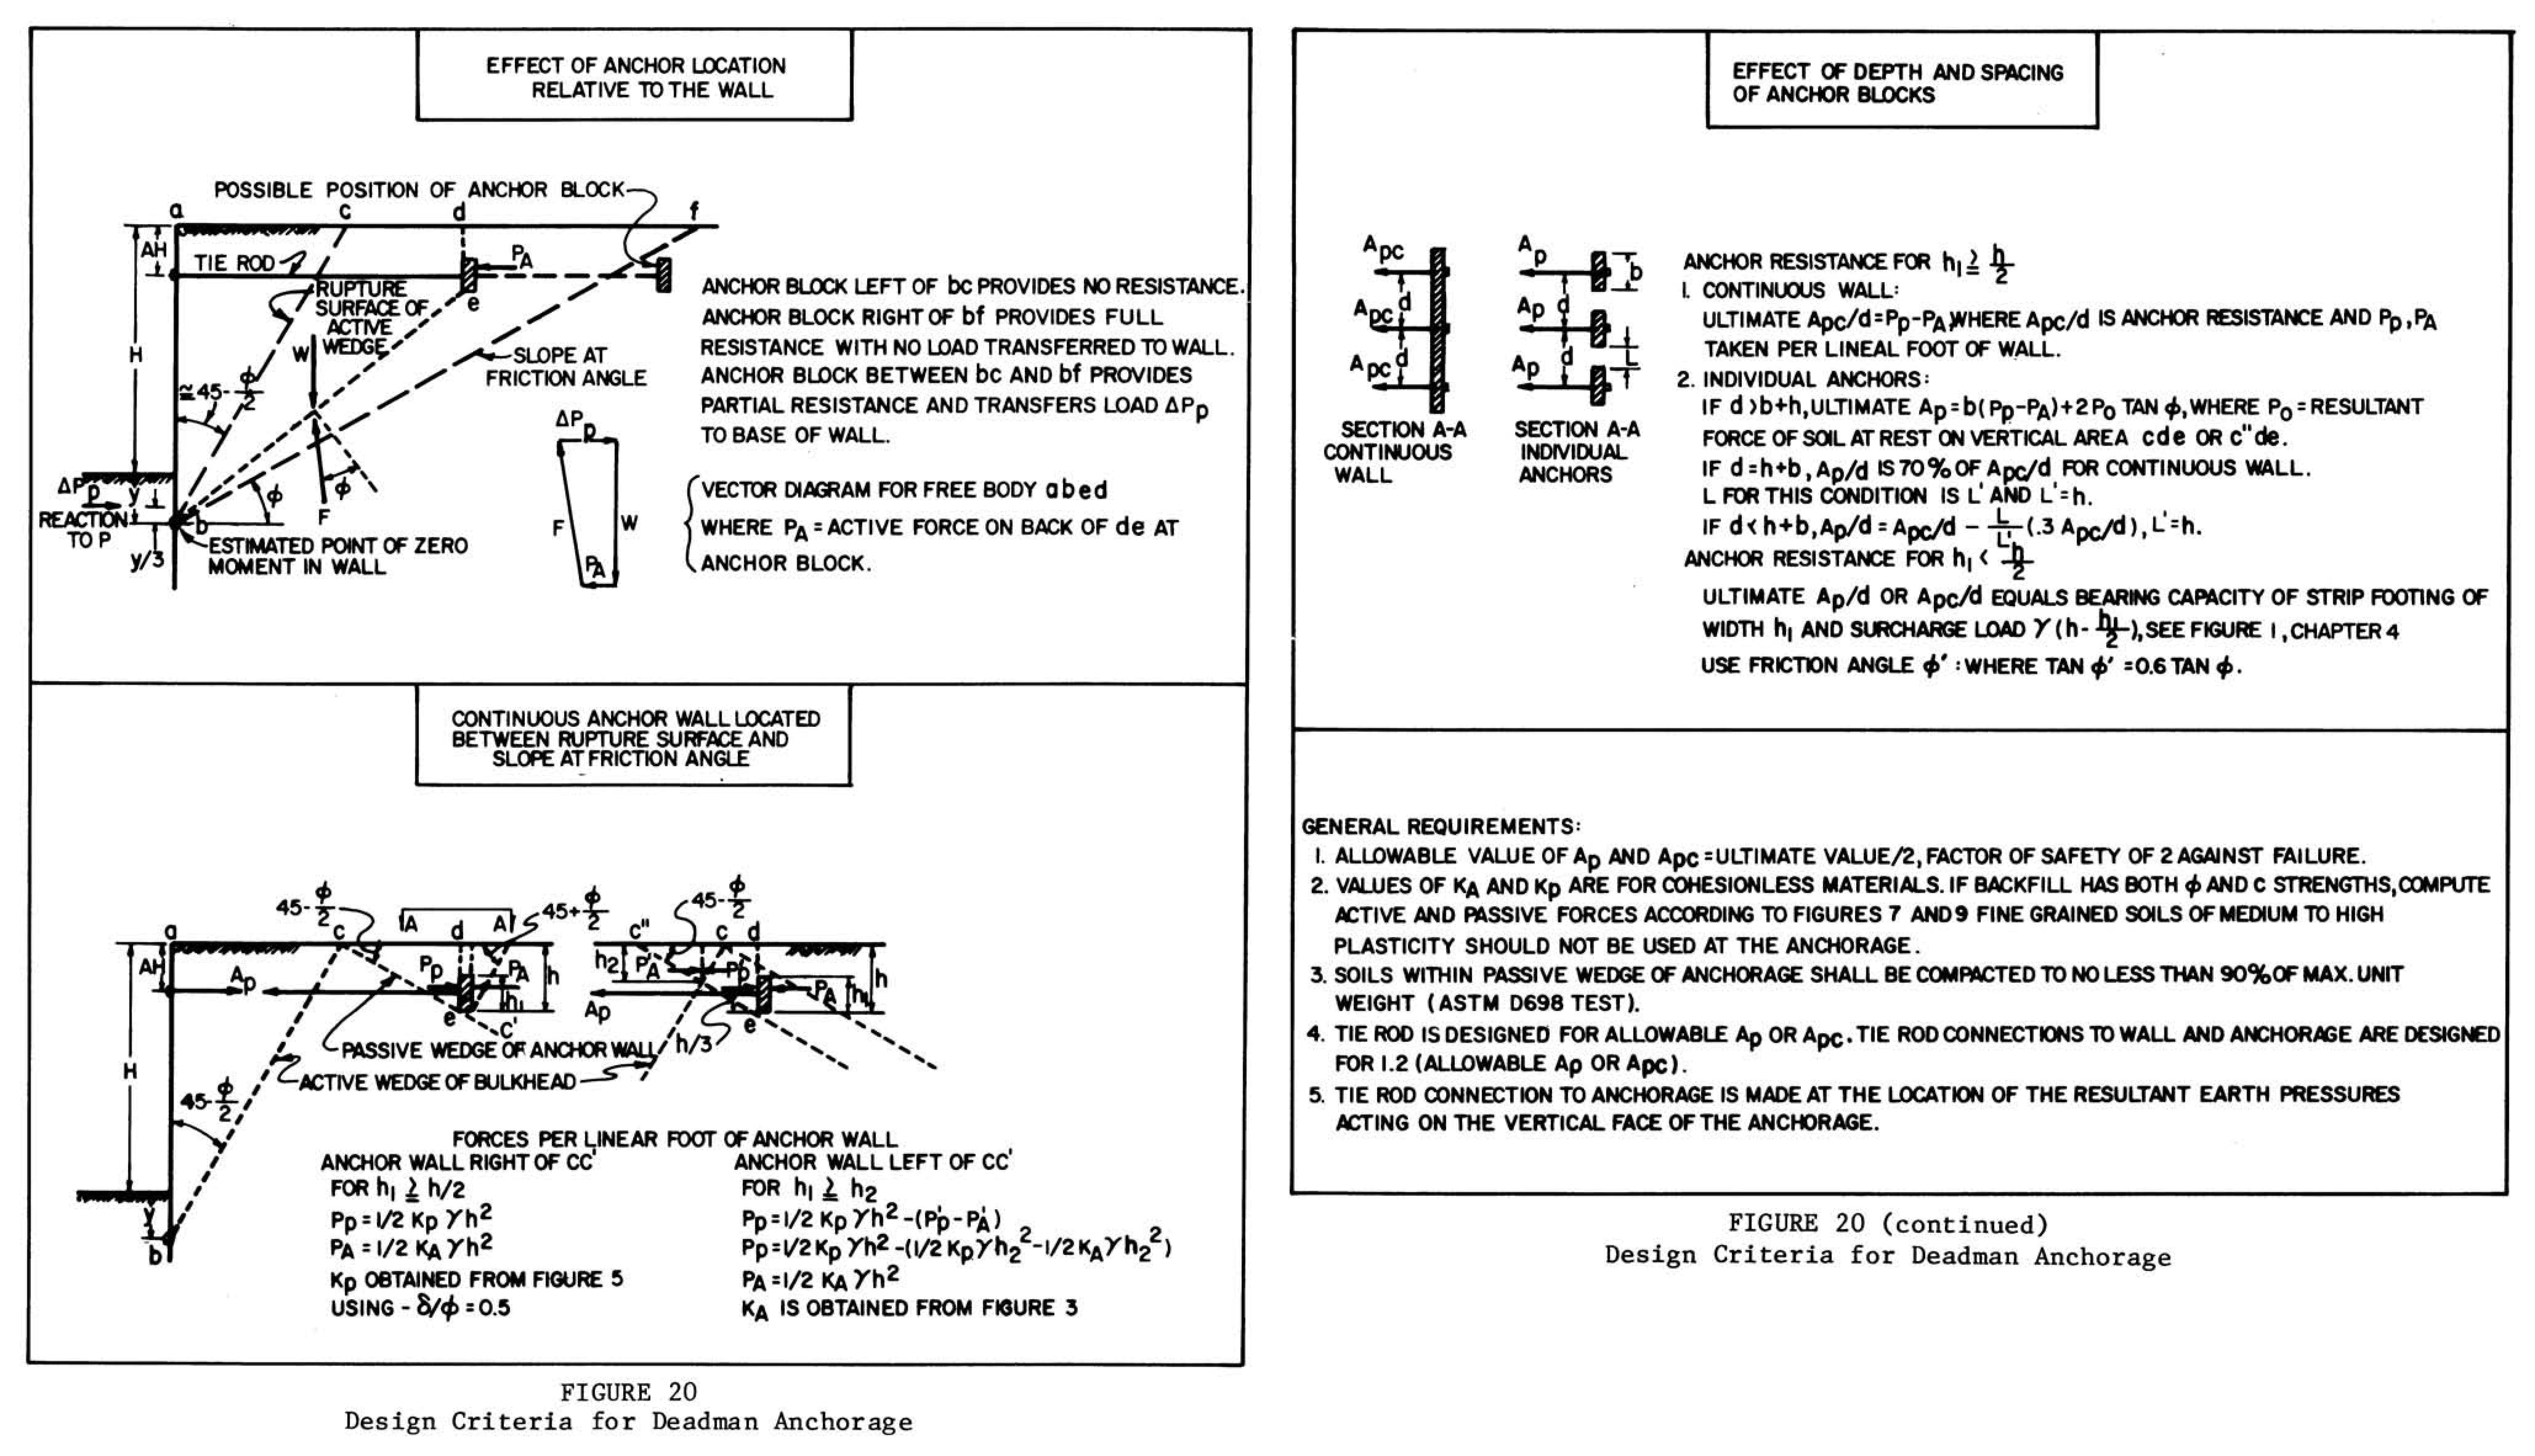 Anchor Block Design Spreadsheet With Regard To Sheet Pile Design Spreadsheet  Islamopedia Anchor Block Design Spreadsheet Printable Spreadshee Printable Spreadshee anchor block design spreadsheet